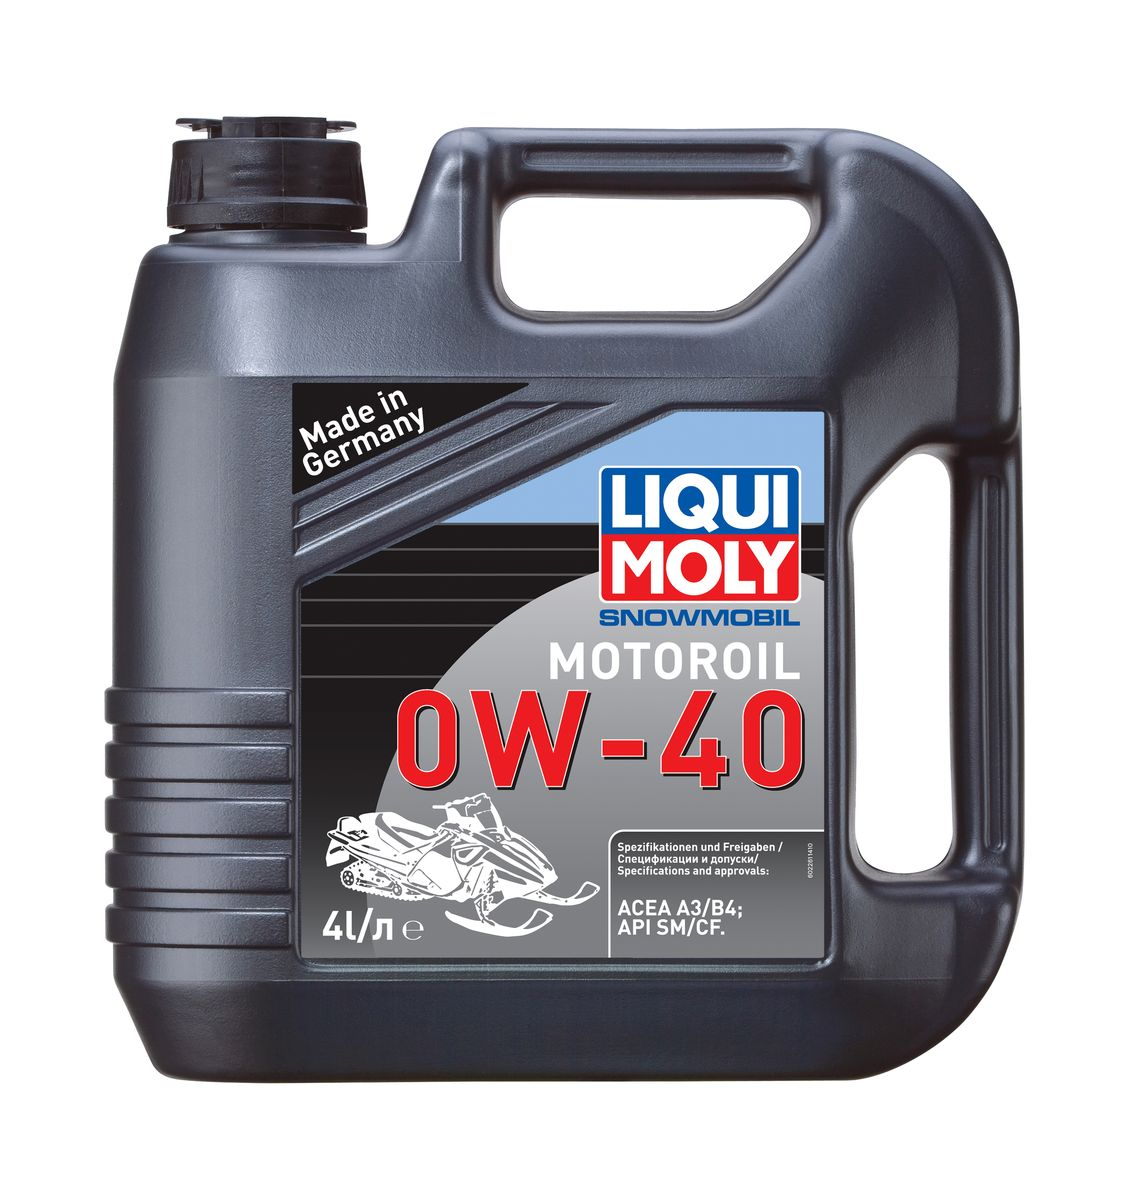 """Масло моторное Liqui Moly """"Snowmobil Motoroil"""", синтетическое, 0W-40, 4 л"""